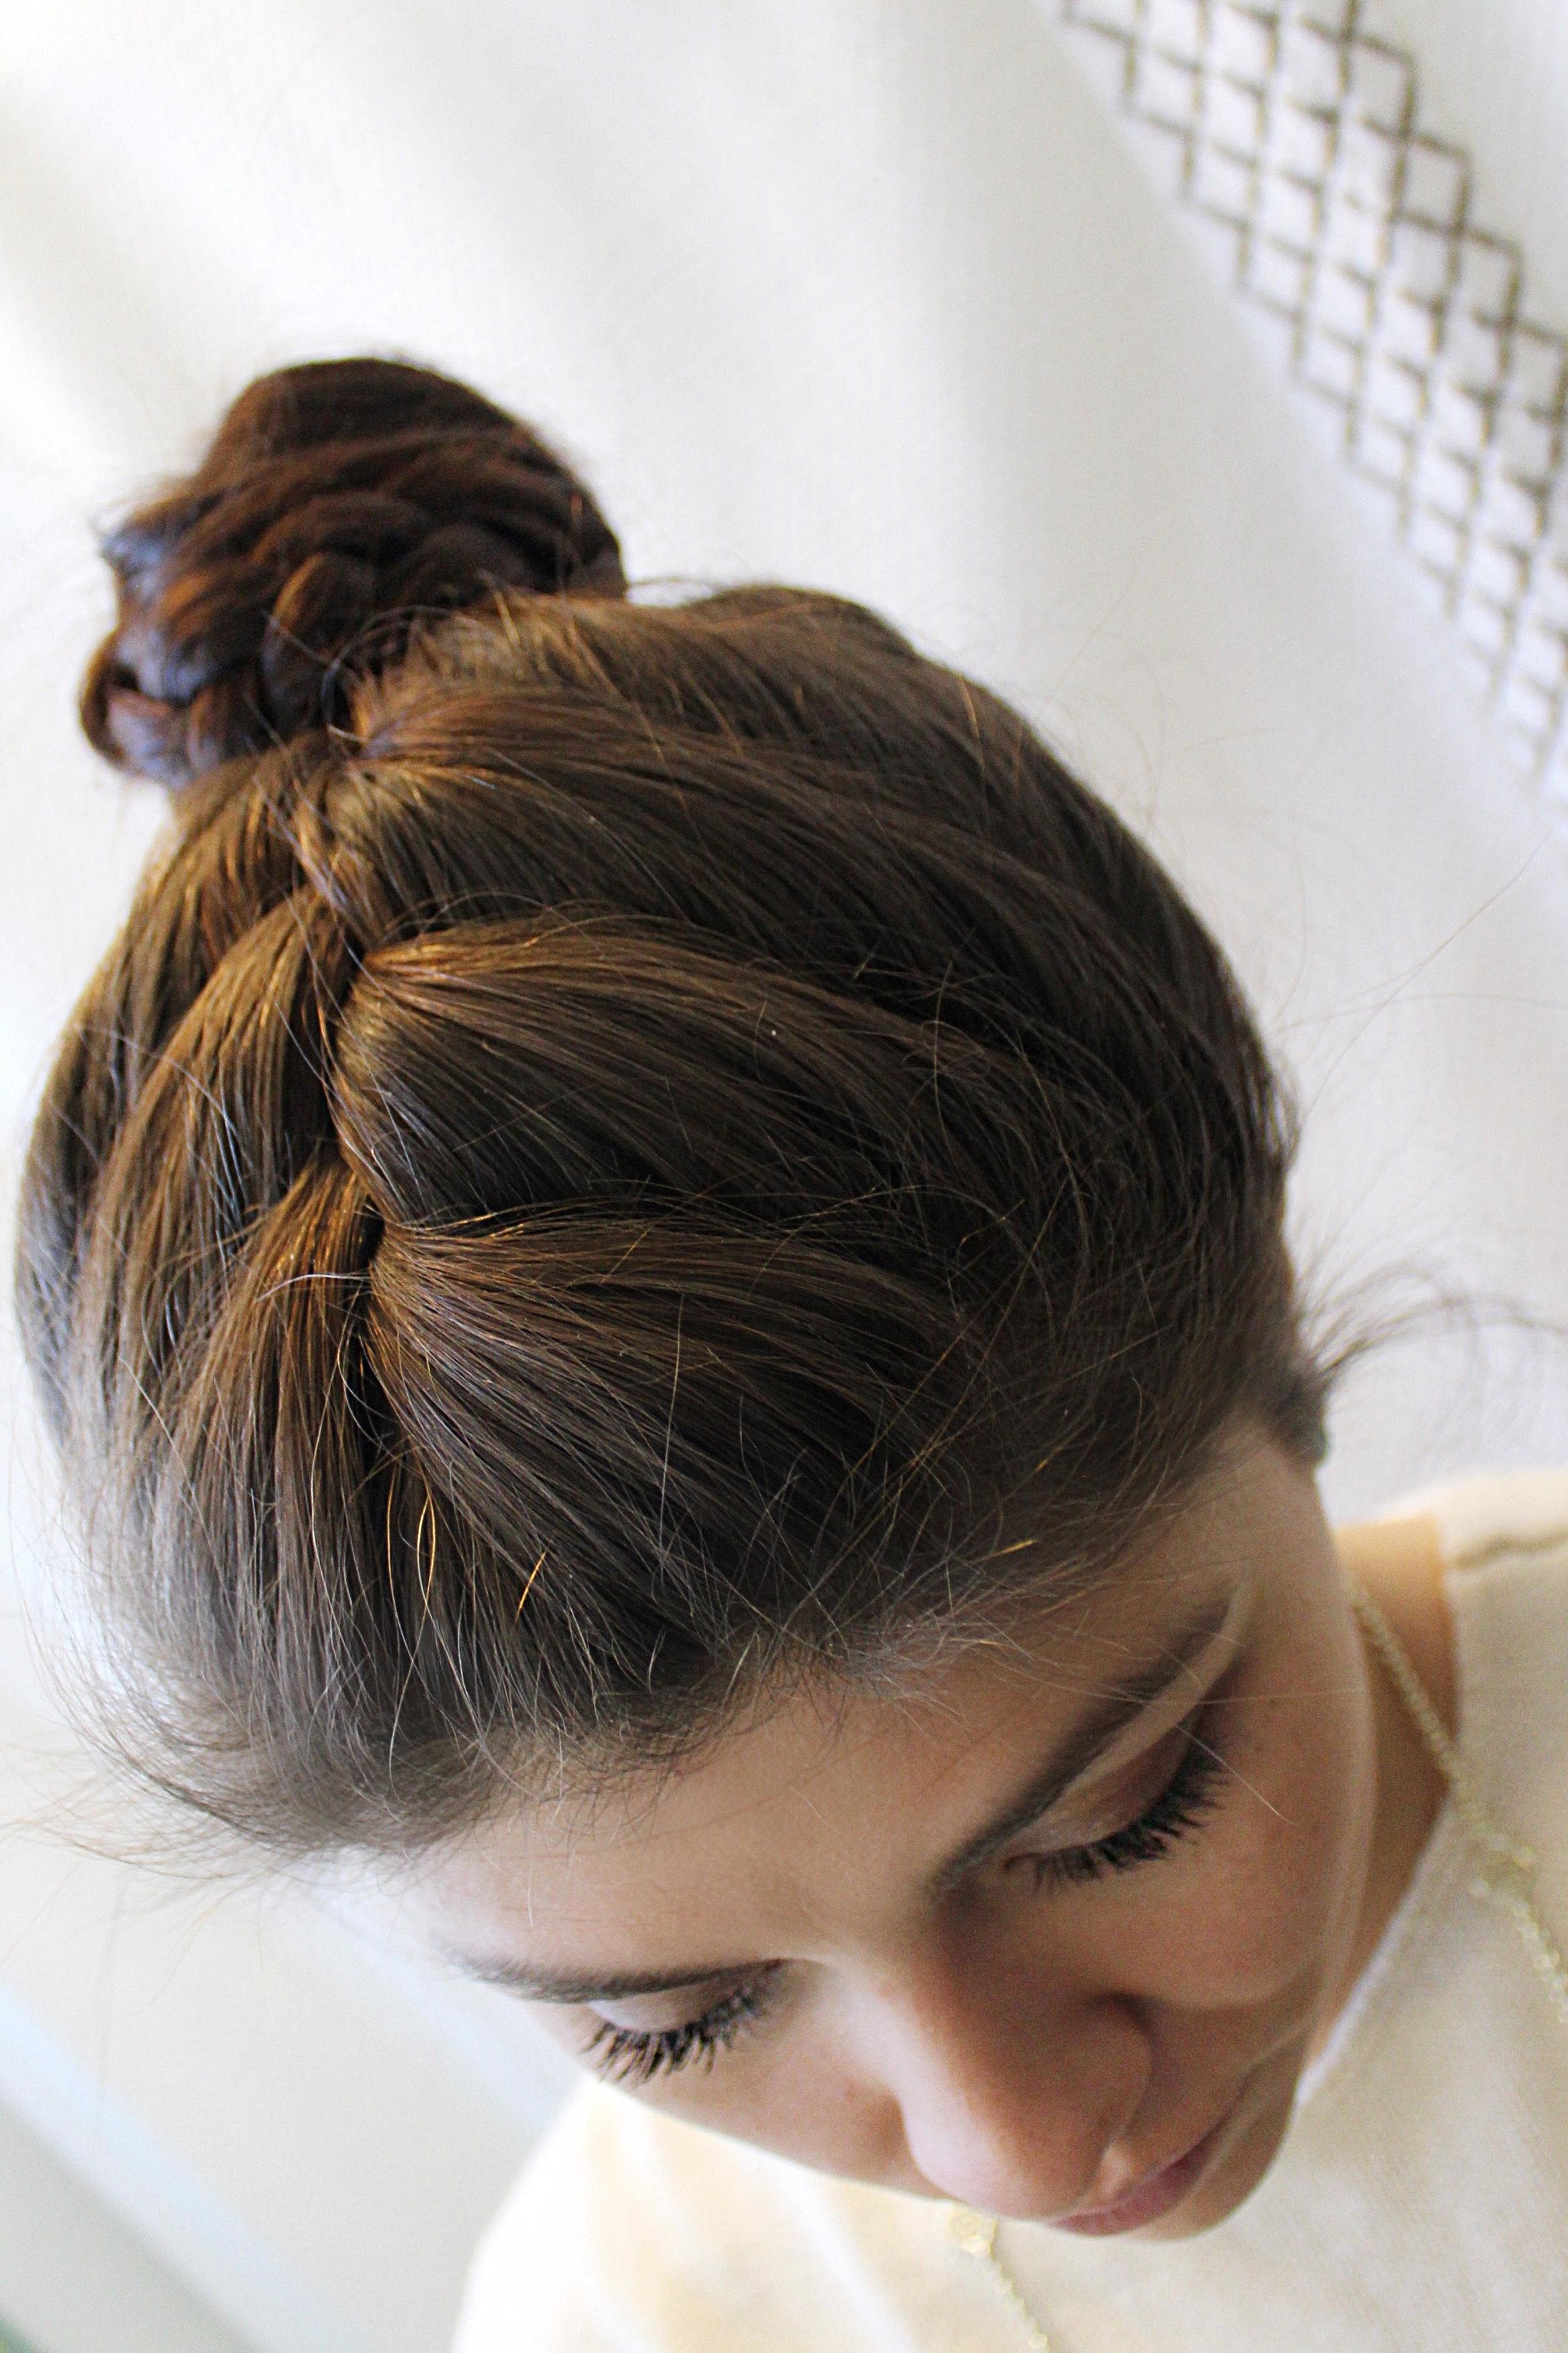 braided-bun-simple-hair-tutorial.jpg